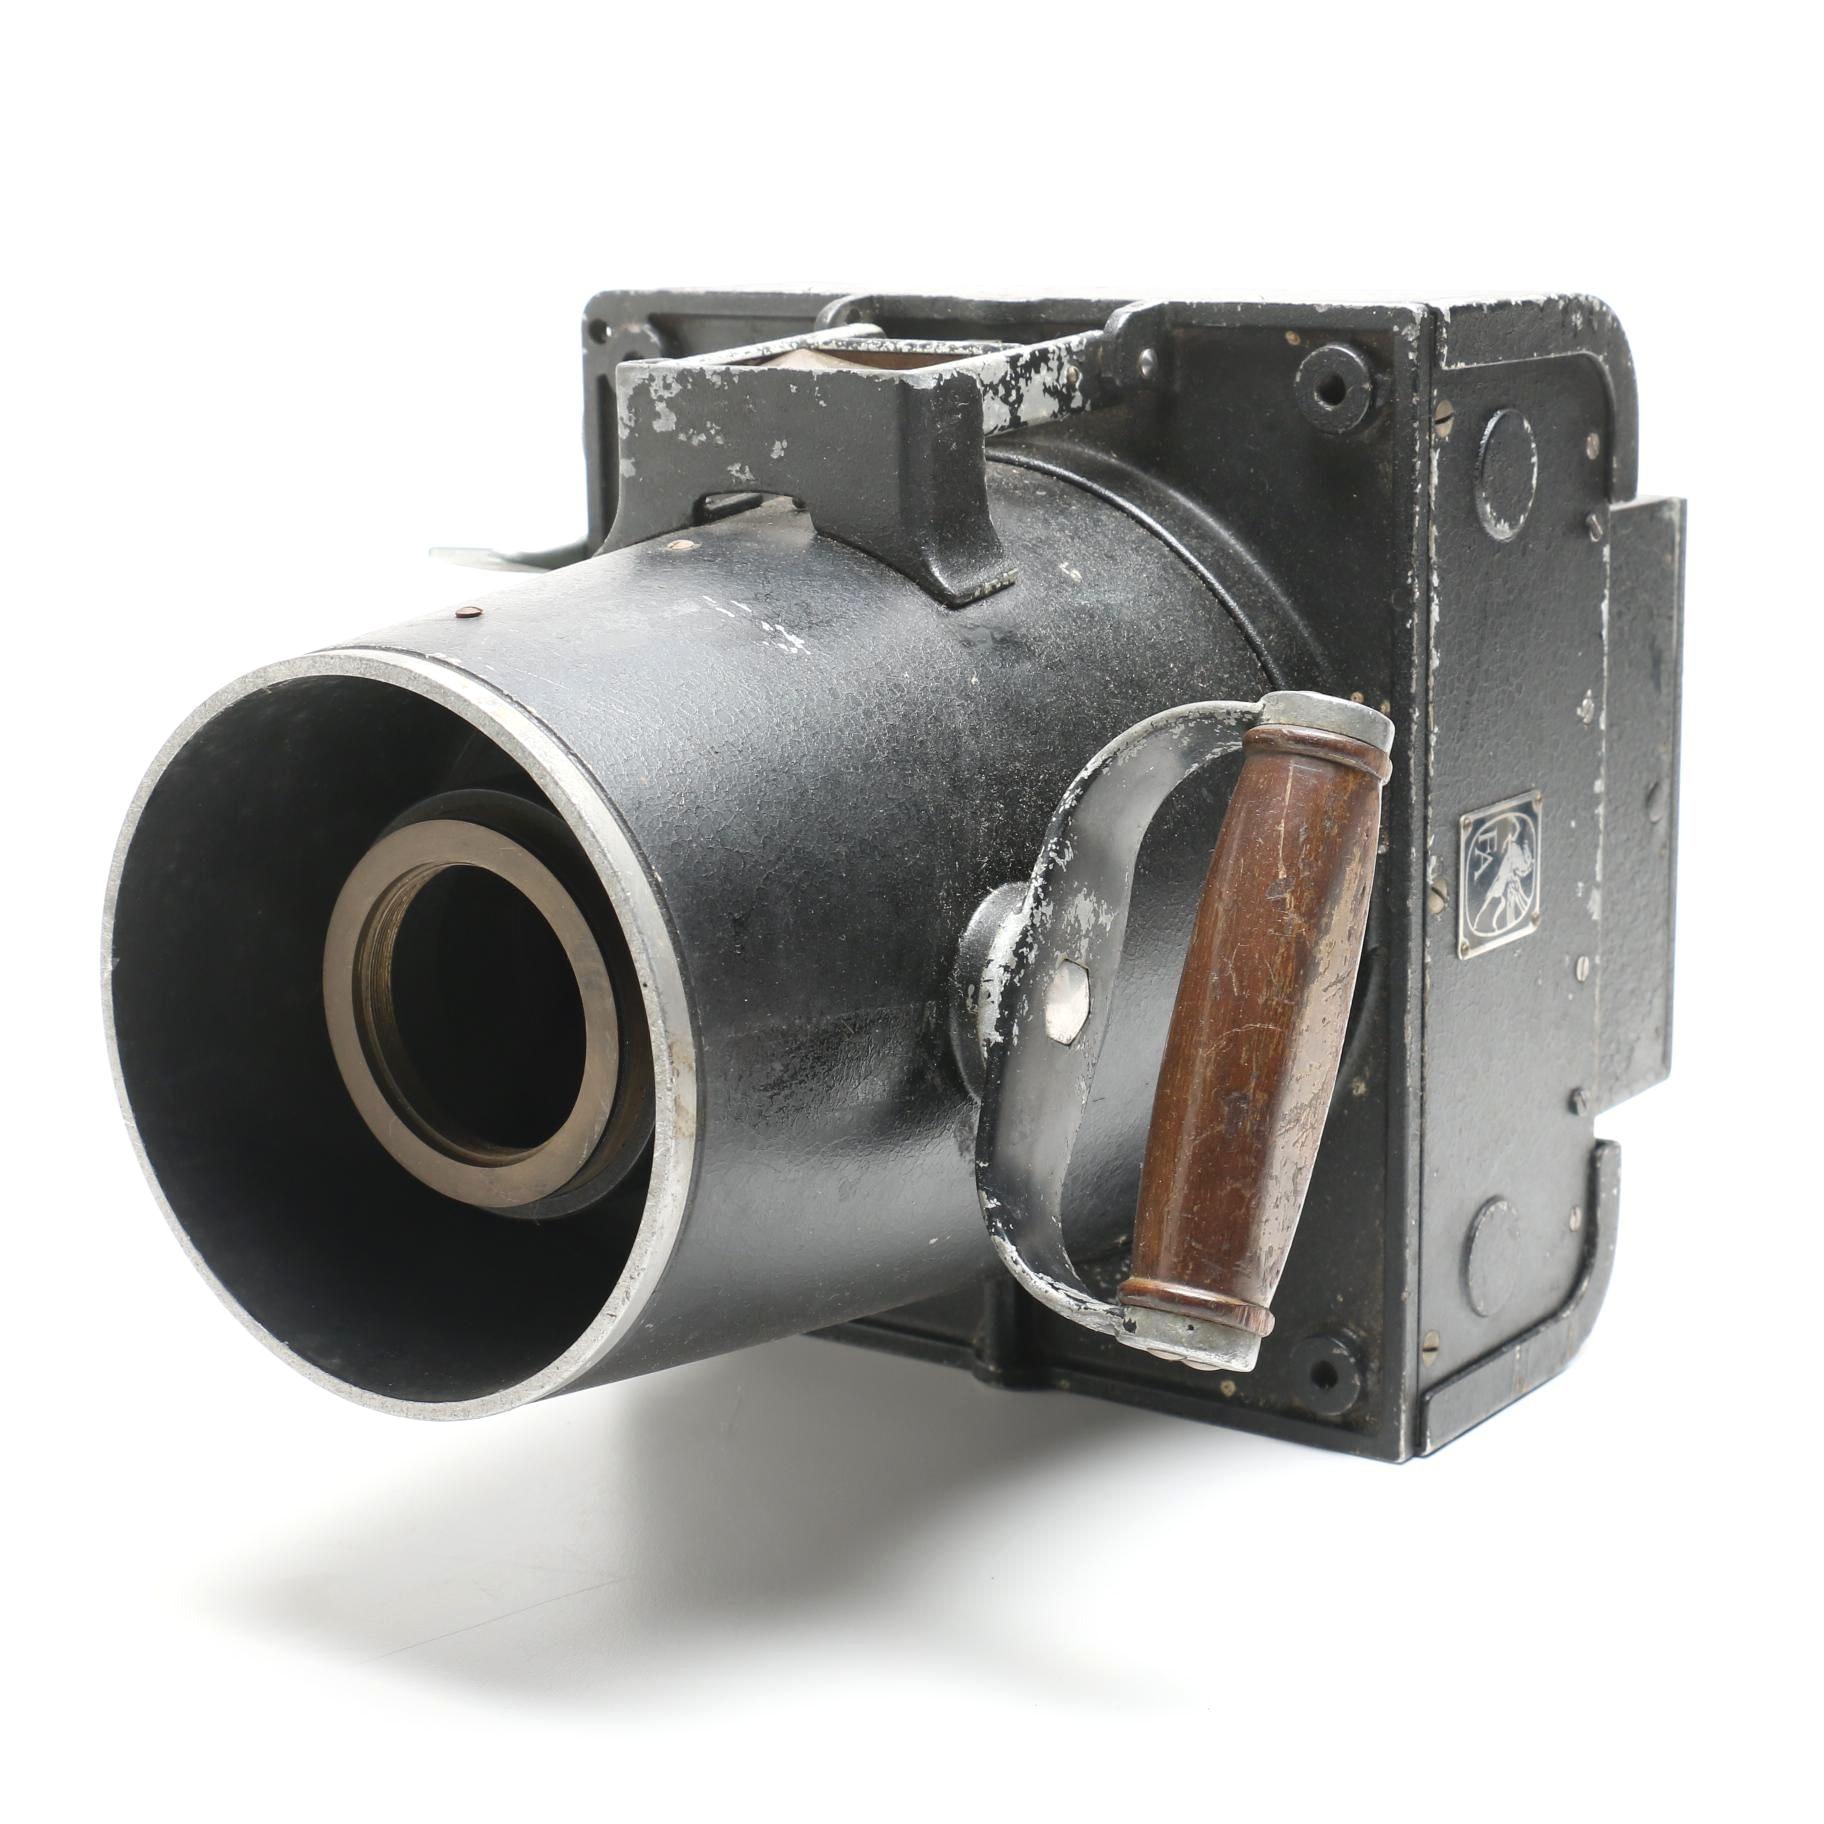 World War II Era Fairchild Aerial Reconnaissance Camera